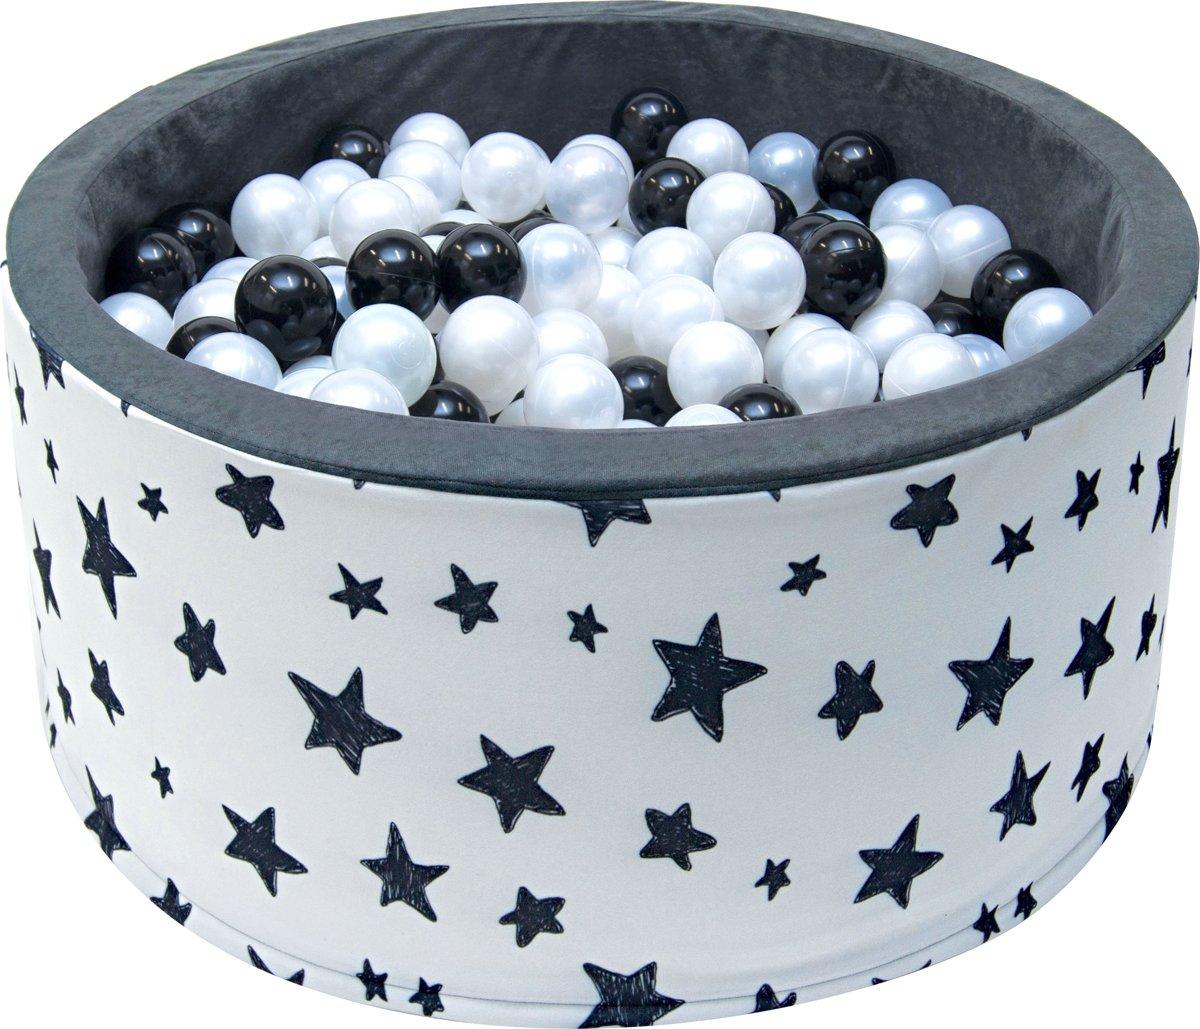 Ballenbak - stevige ballenbad - sterrenpatroon -90 x 40 cm - 200 ballen Ø 7 cm - zilver, wit en zwart